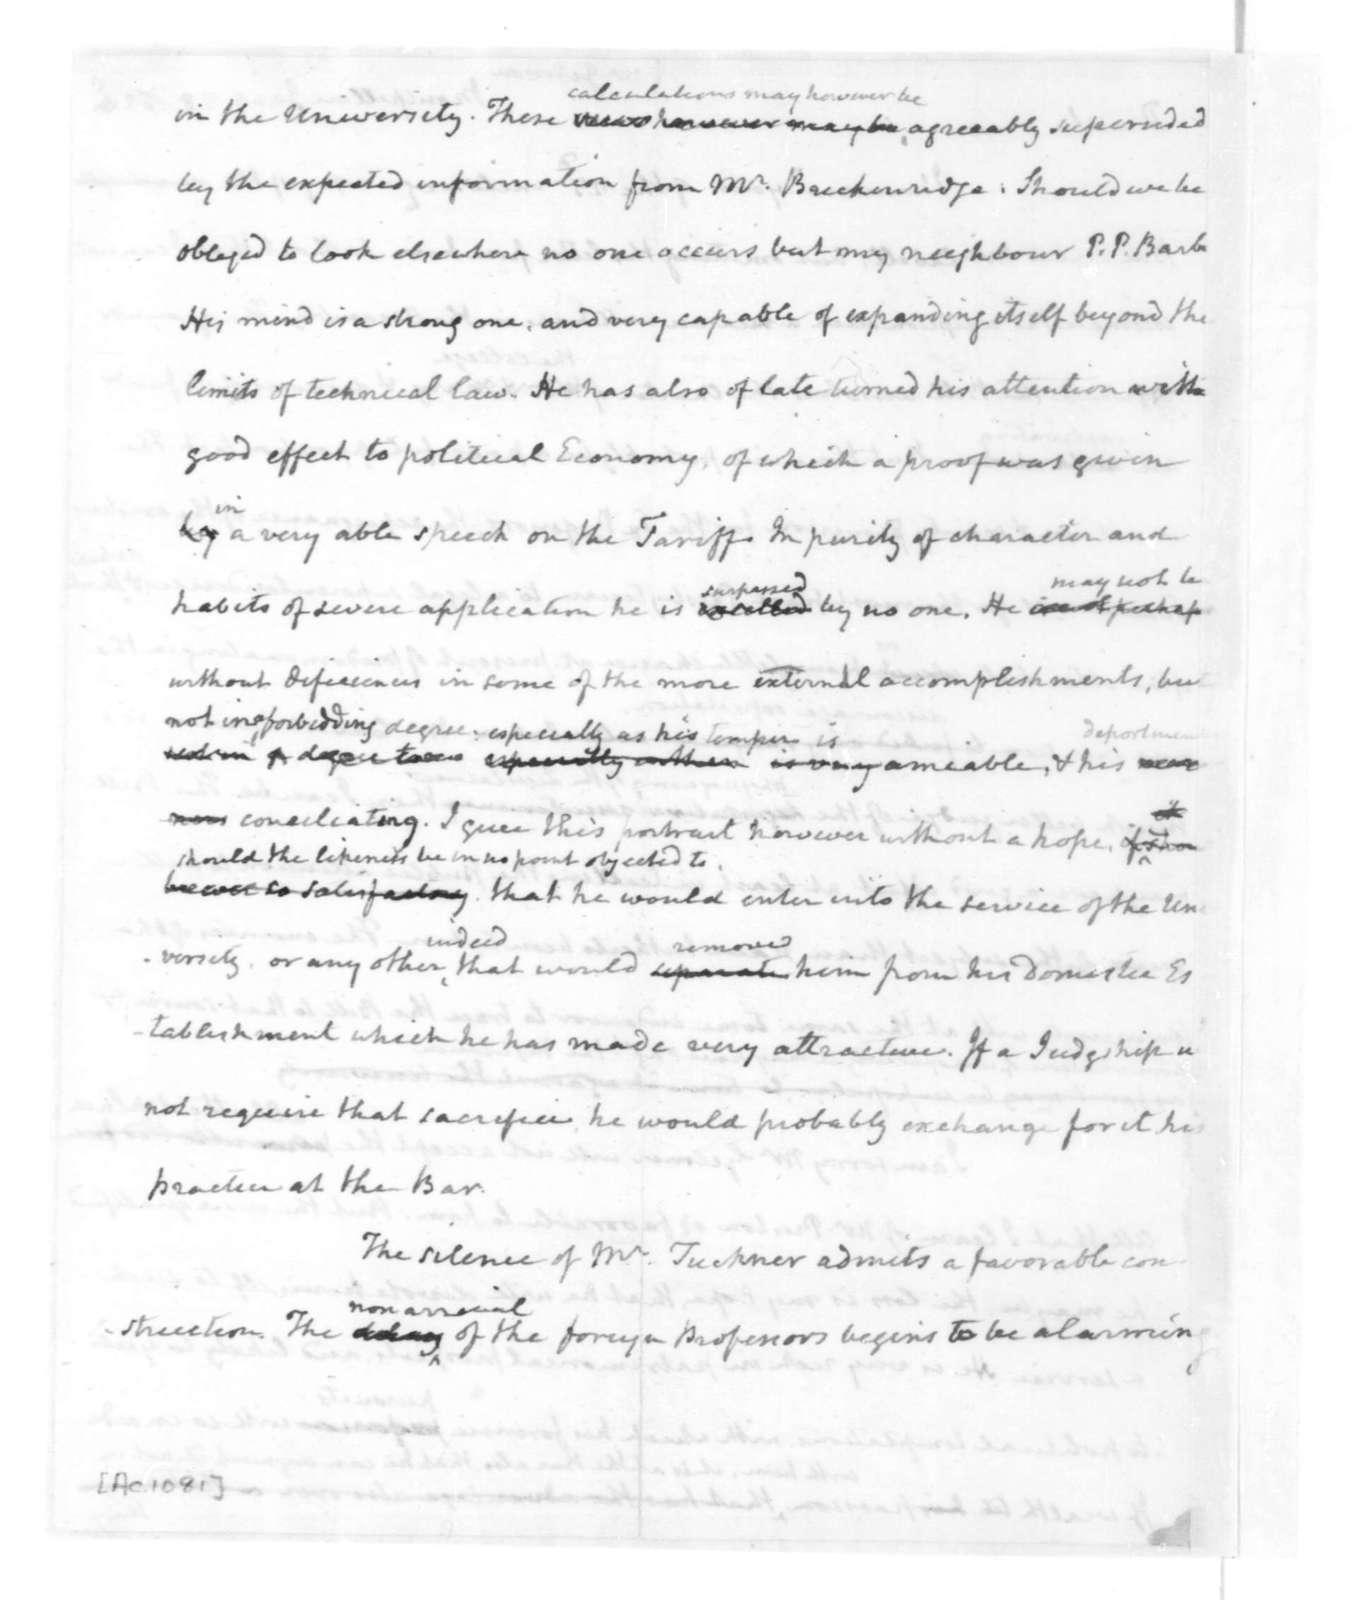 James Madison to Thomas Jefferson, January 28, 1825.